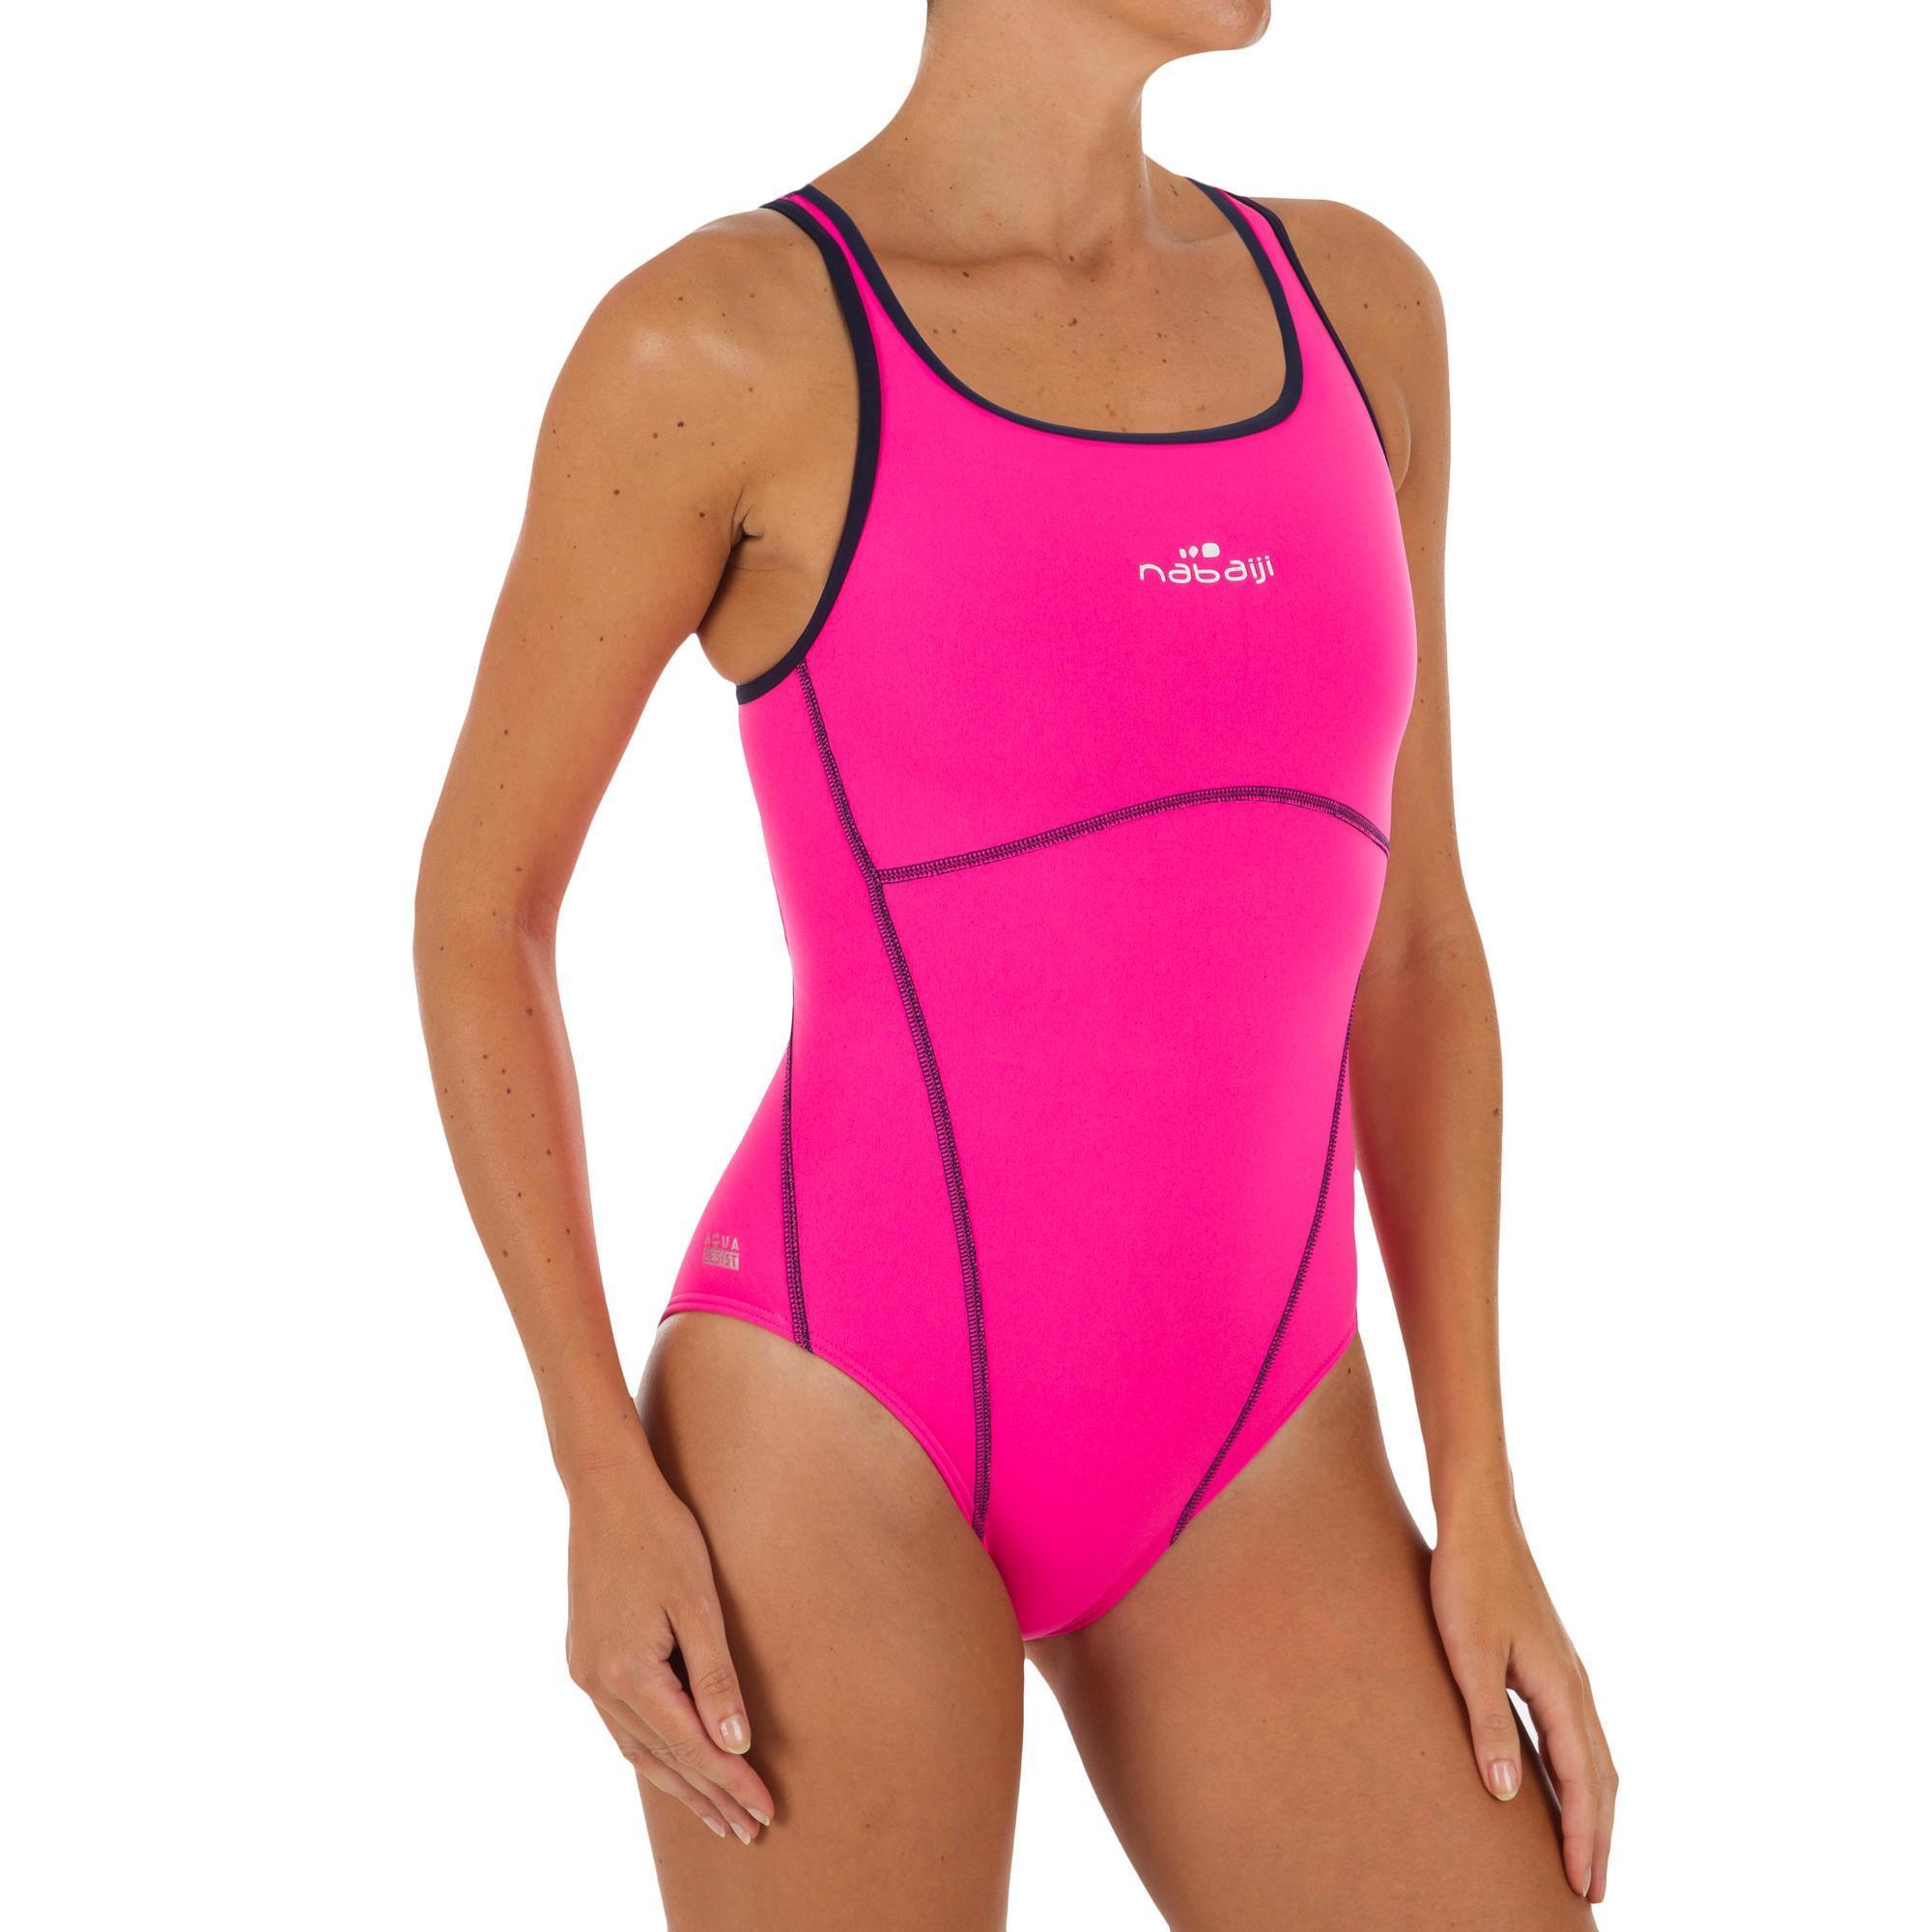 baaa1e506e615a Badeanzug Kamiye+ Damen pink